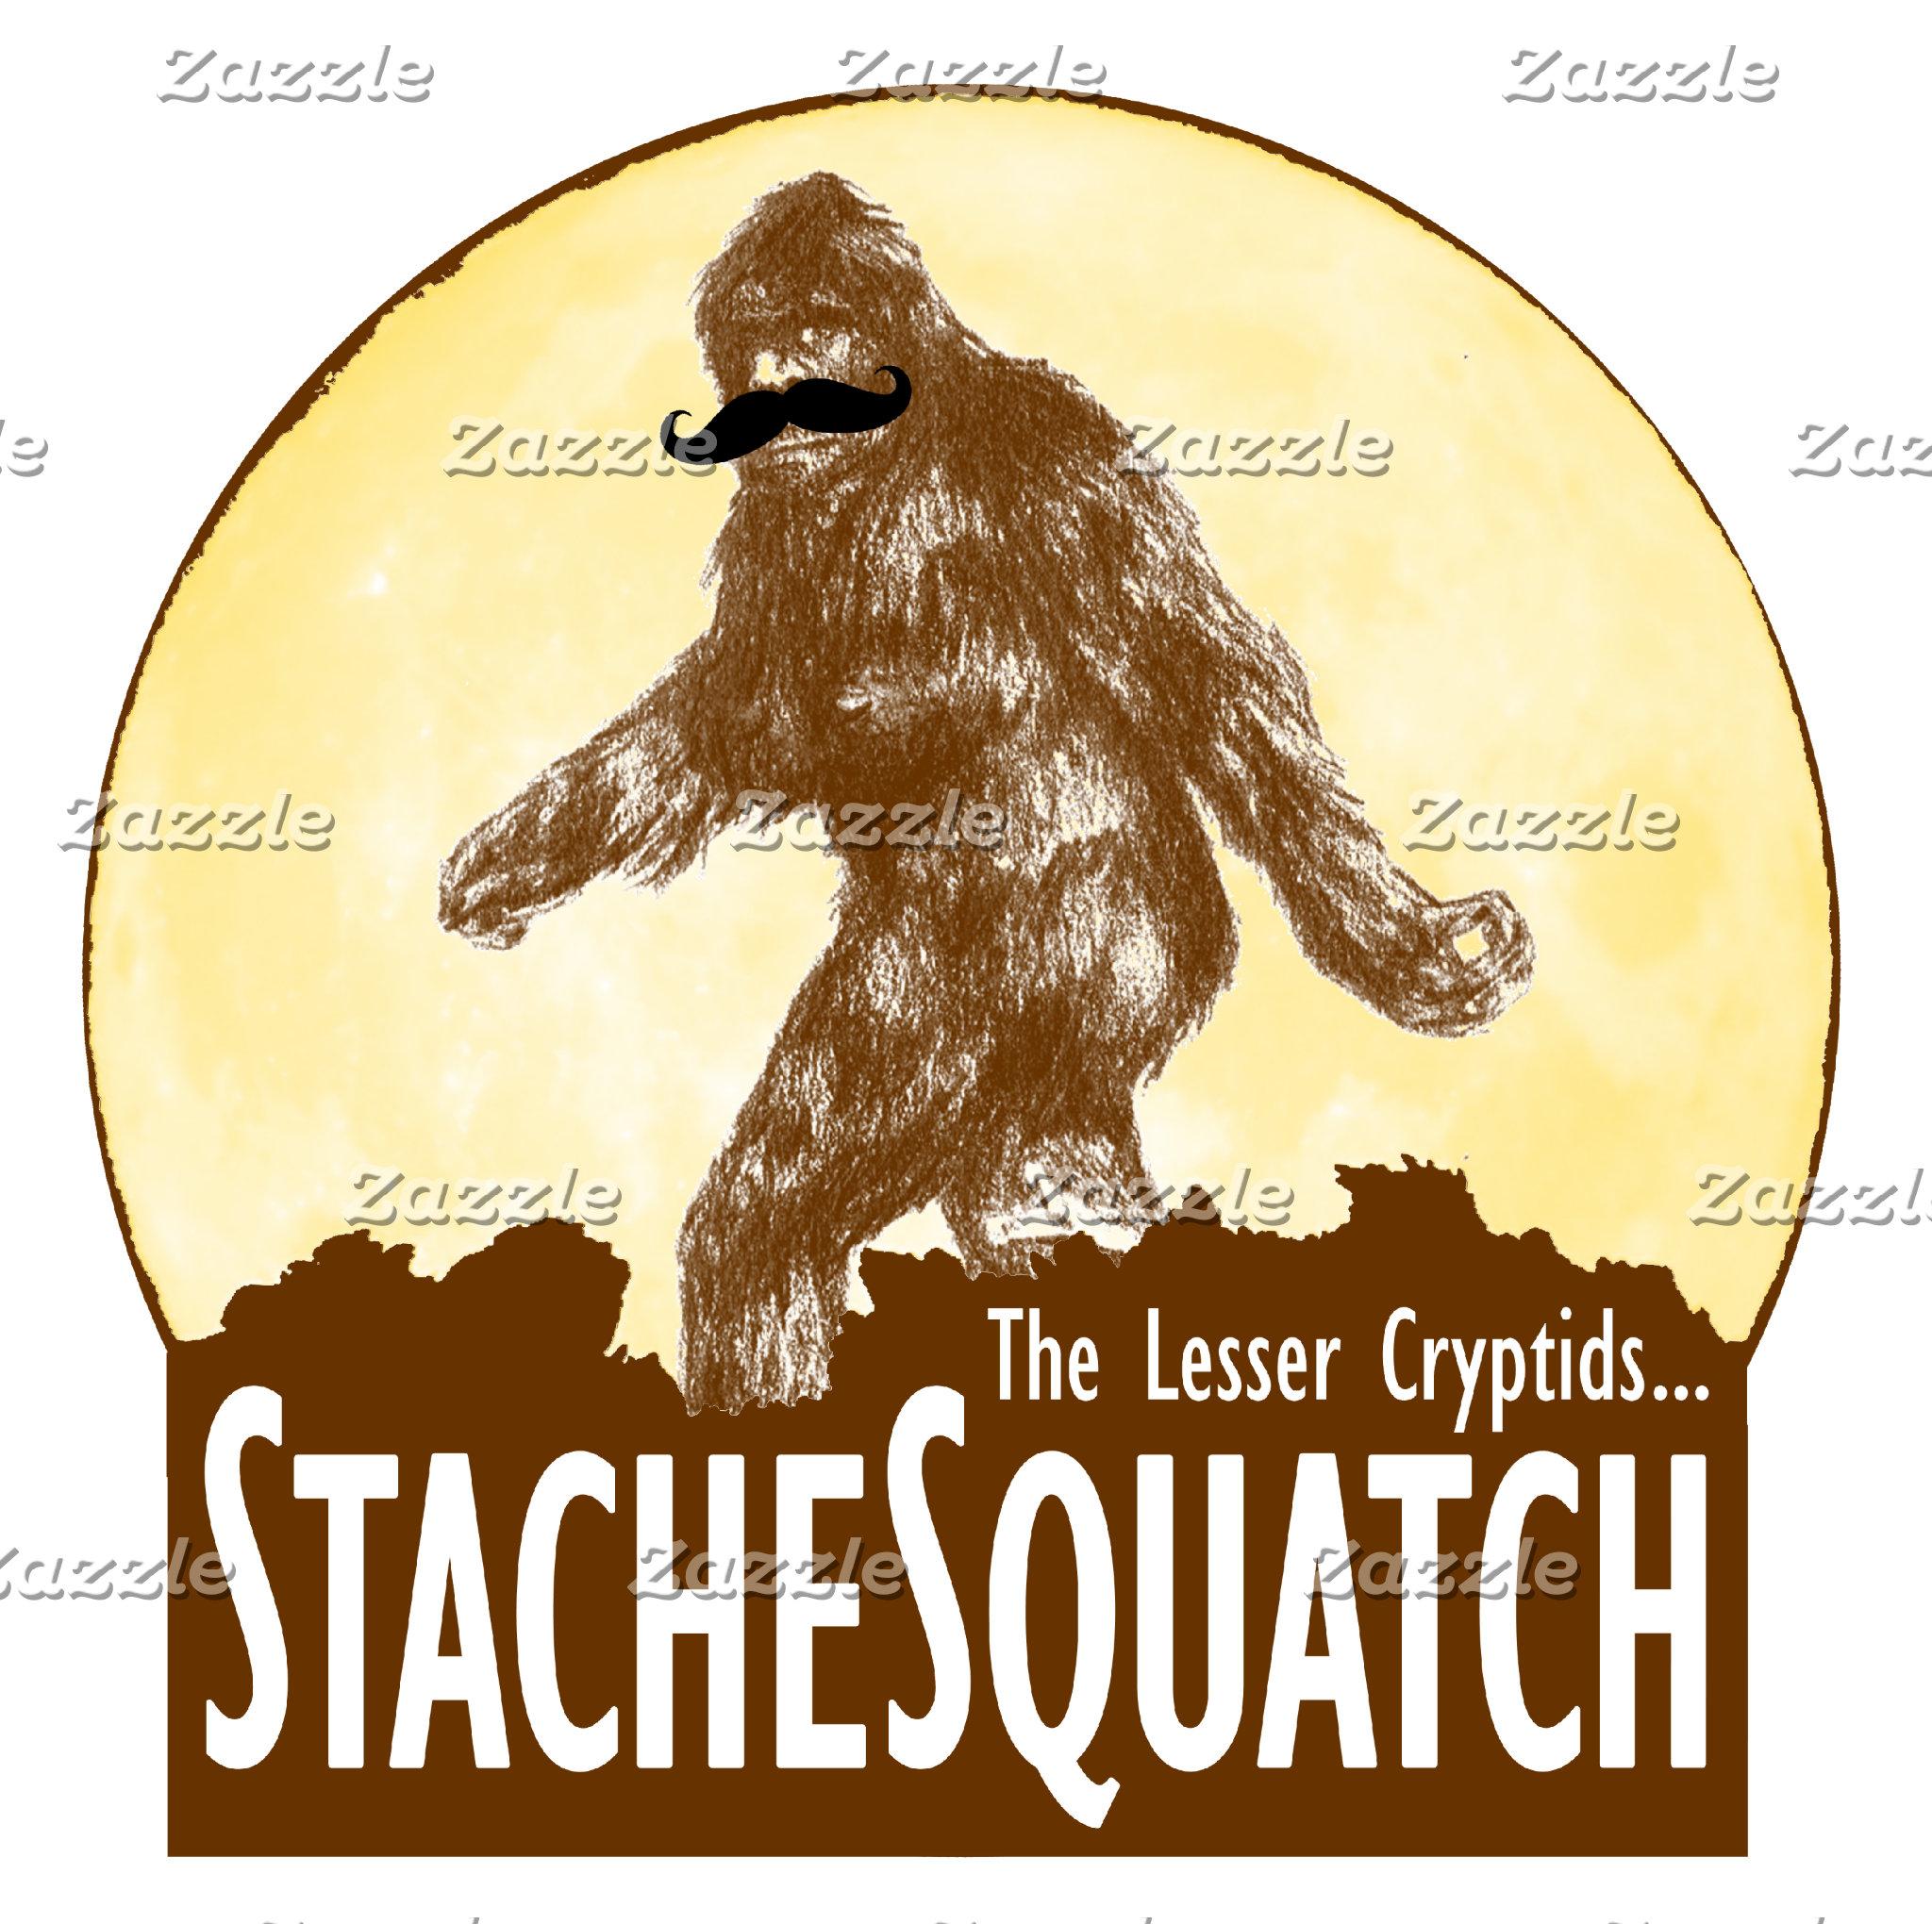 'STACHE SQUATCH